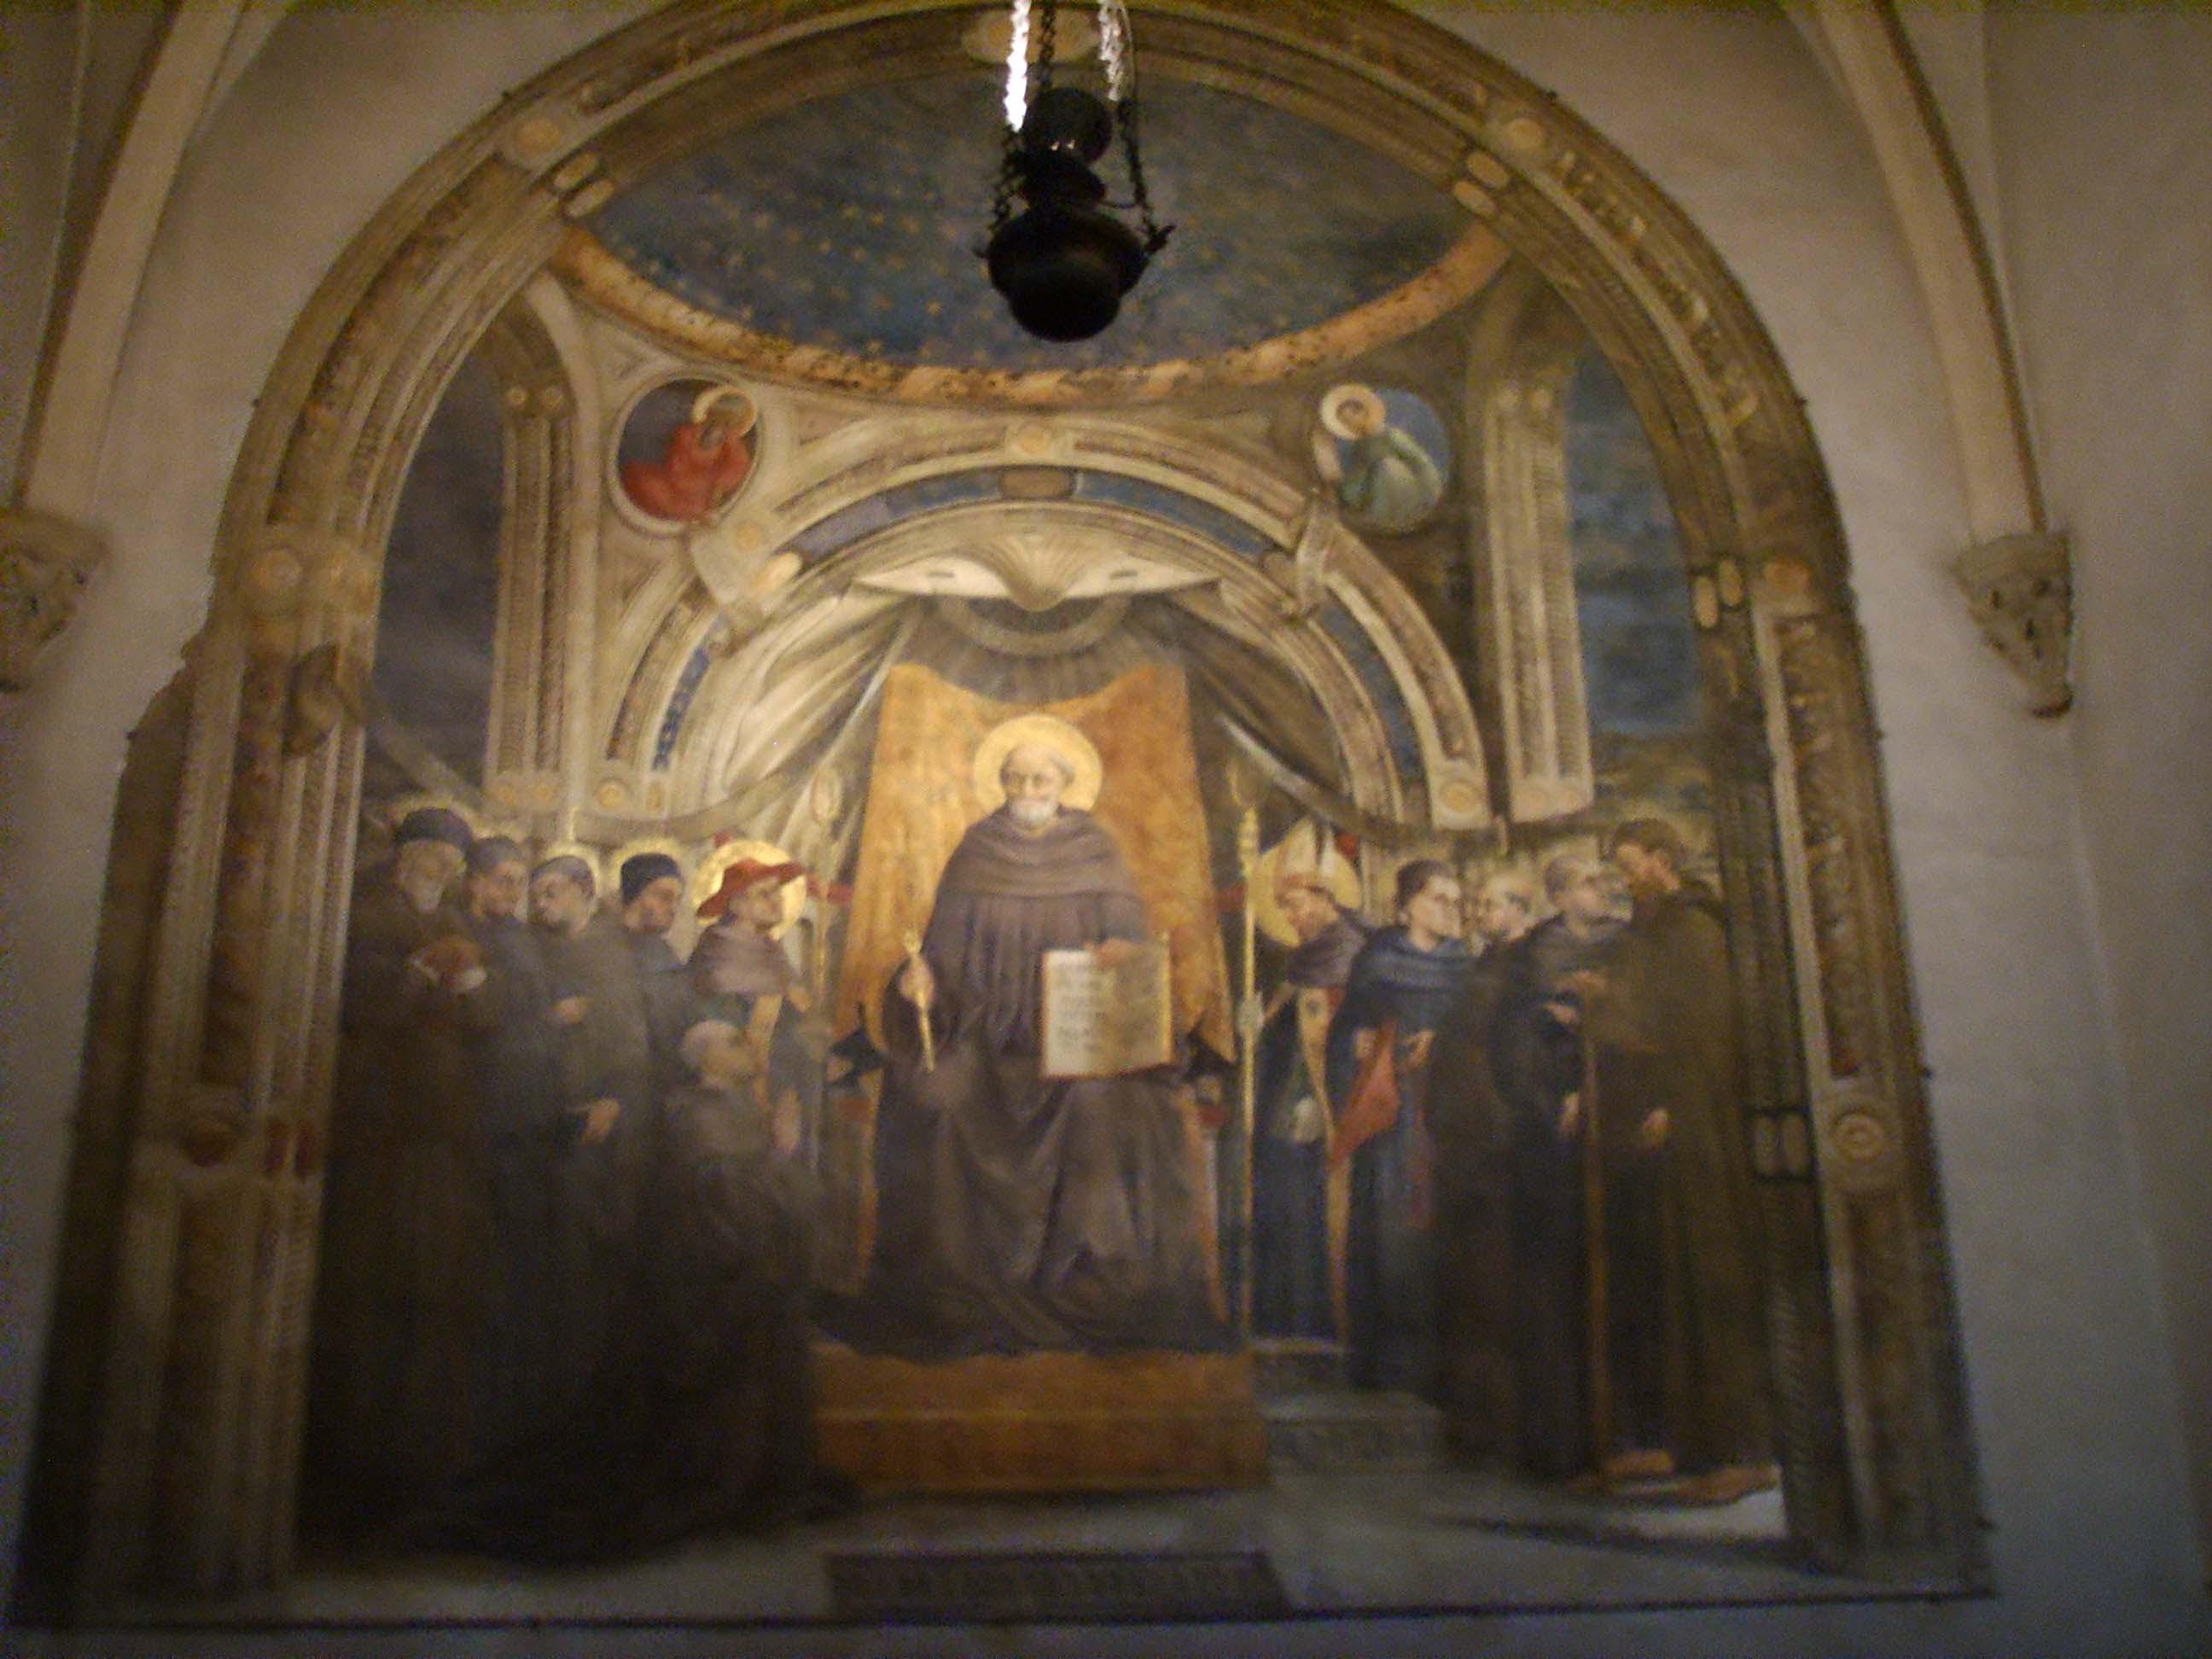 http://upload.wikimedia.org/wikipedia/commons/e/e6/Santa_Trinita%2C_Neri_di_bicci%2C_San_giovanni_gualberto_e_santi_vallombrosani.JPG